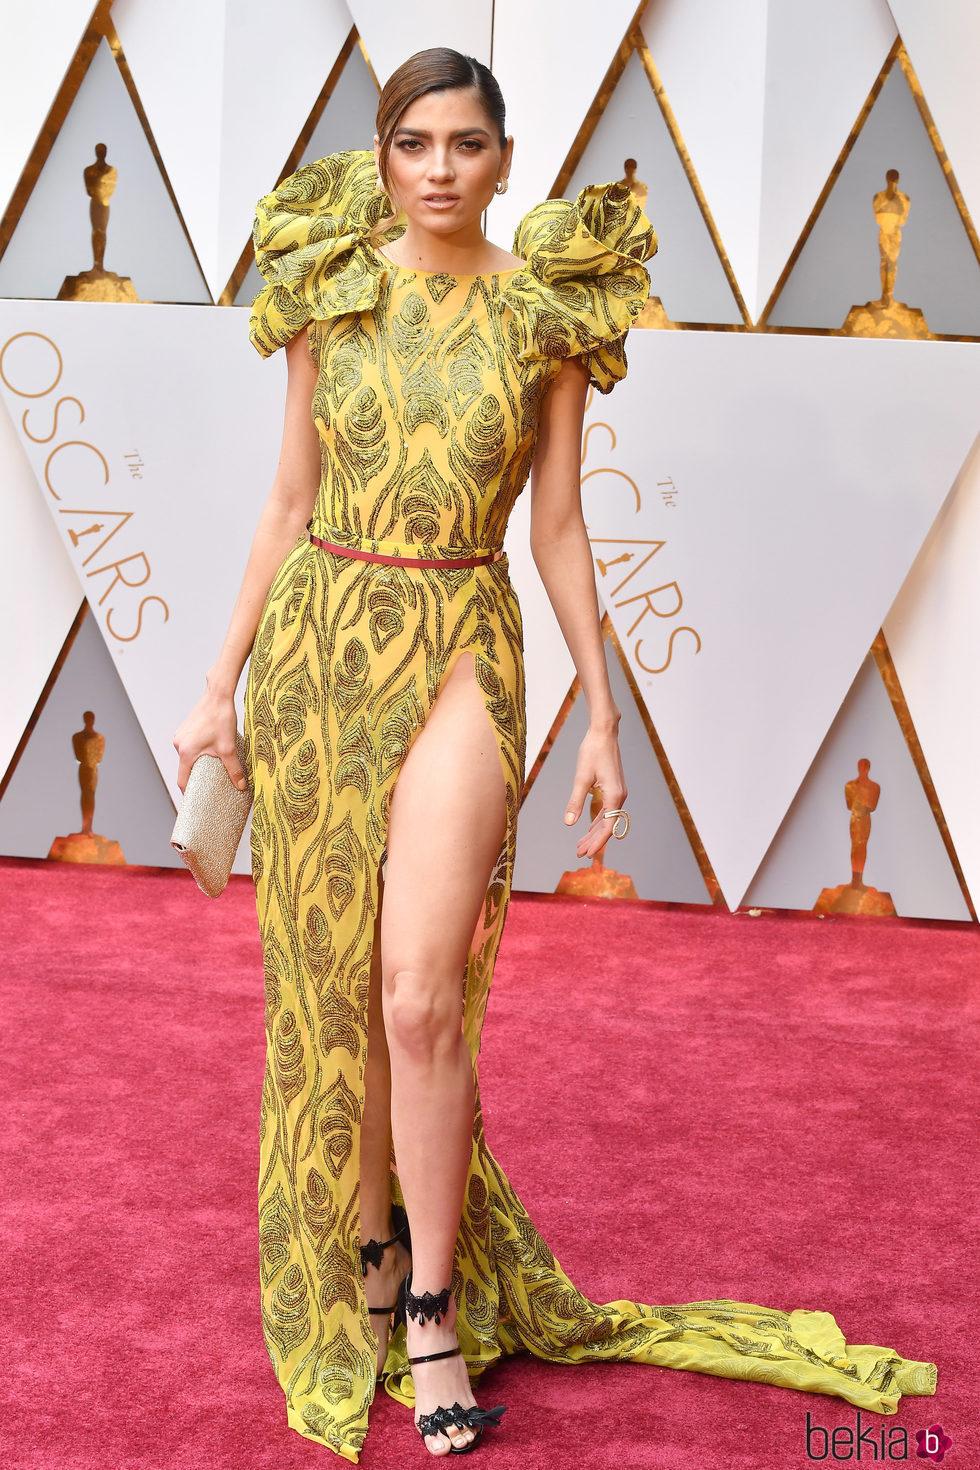 La actriz Blanca Blanco en la gala de los Oscar 2017